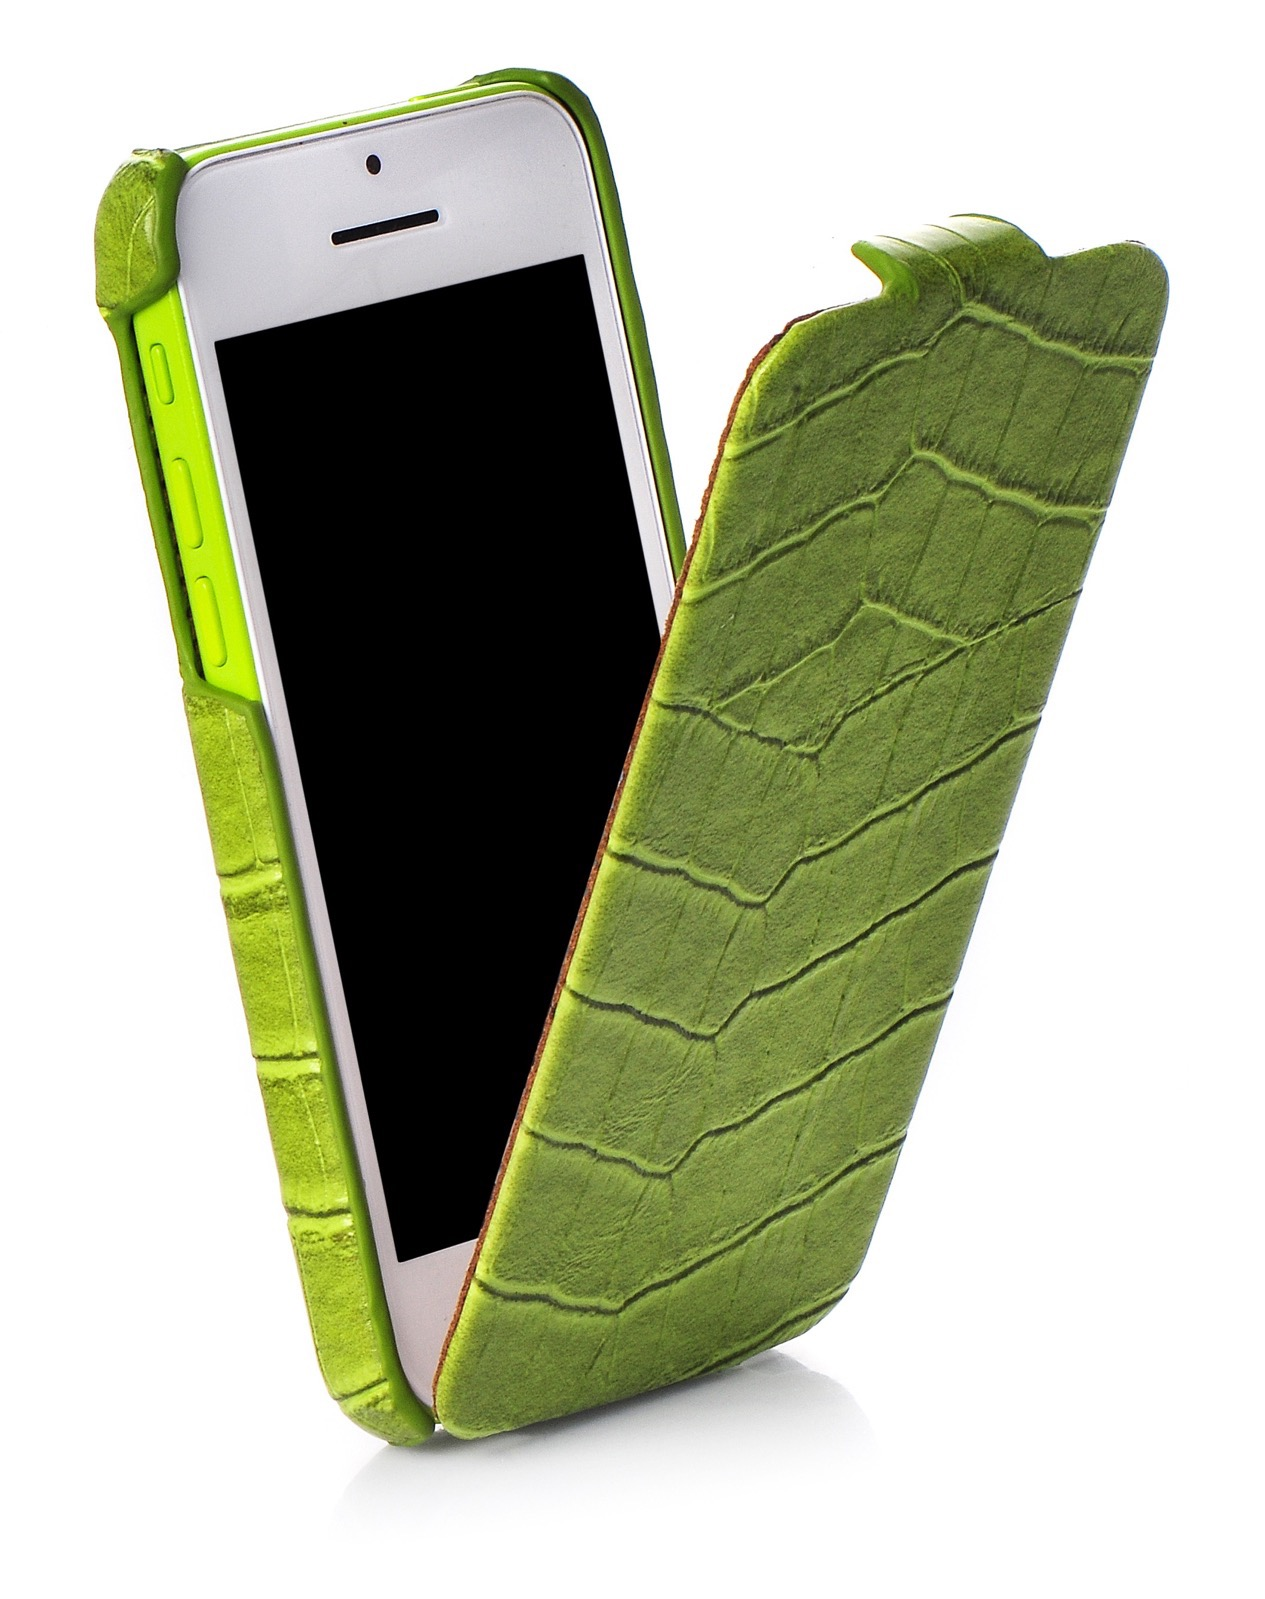 Чехол для сотового телефона Kuchi книжка крокодил ORIGINAL для Apple iPhone 5/5C/5S/SE, зеленый